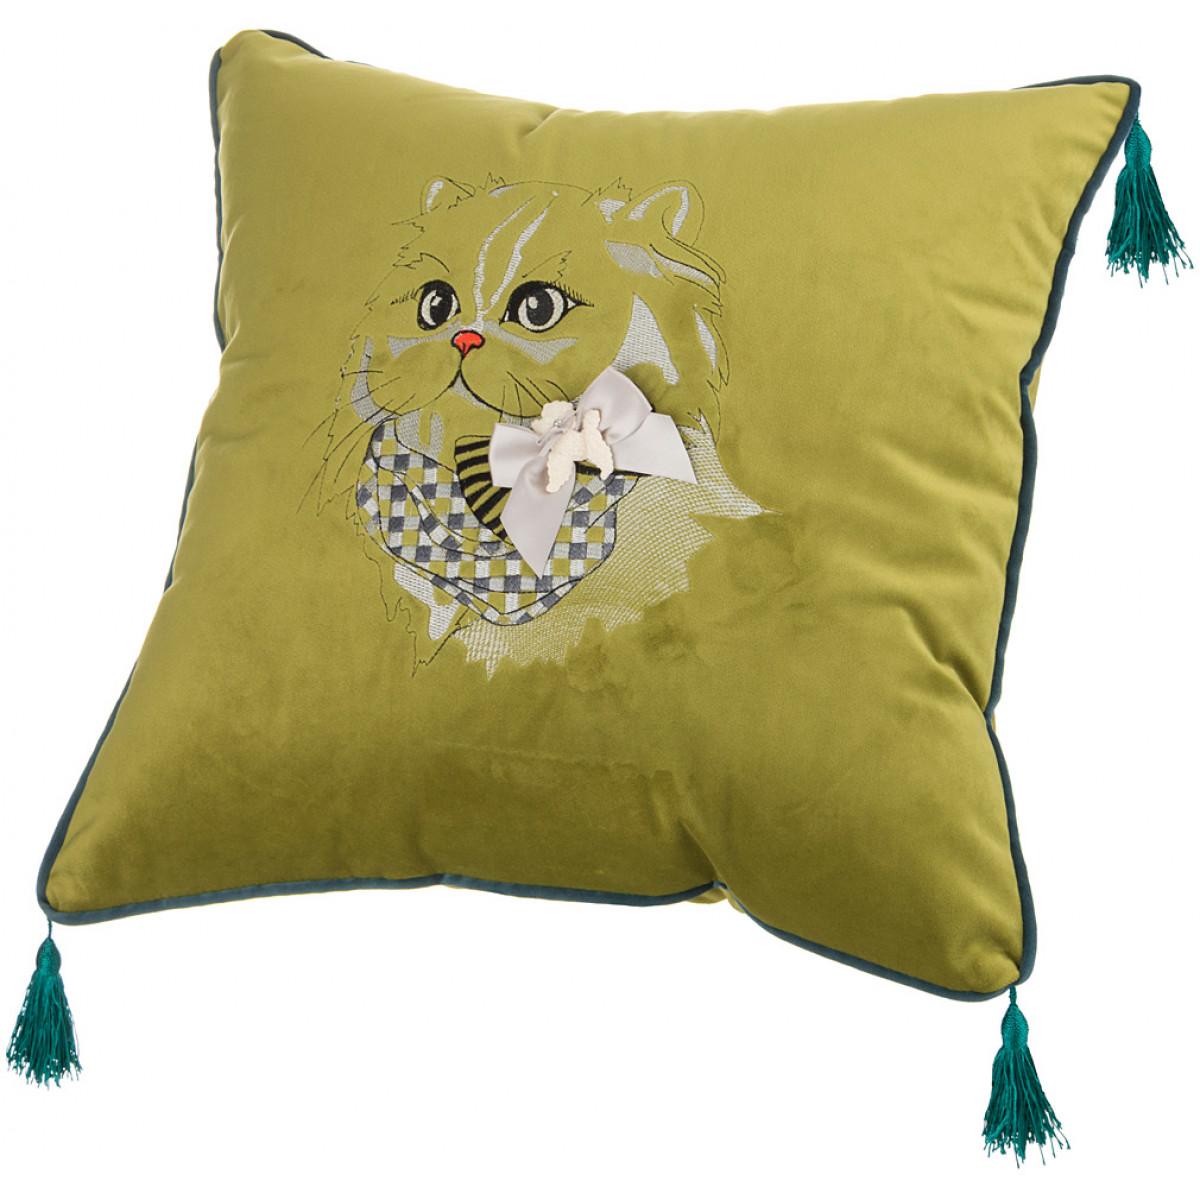 Декоративные подушки Santalino Декоративная подушка Virginia  (45х45) подушка арти м декоративная 45х45 см цветы 703 694 37